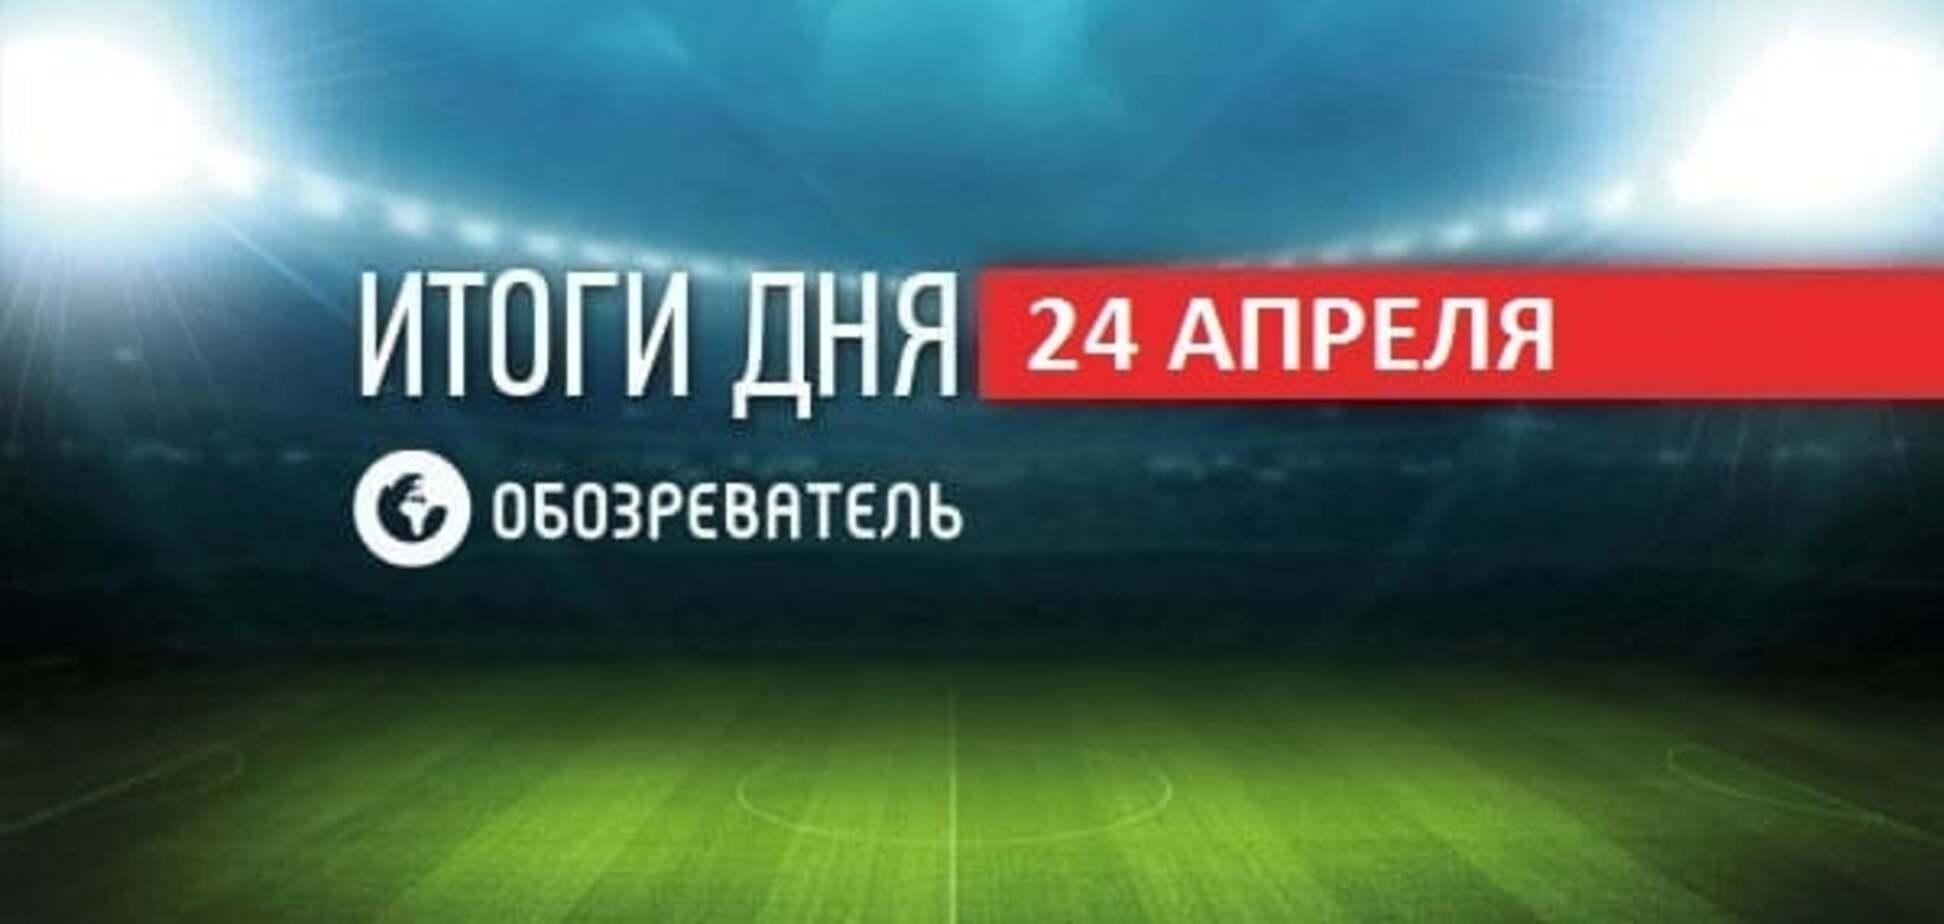 Чемпионство 'Динамо' и пижонский гол Милевского. Спортивные итоги 14 апреля